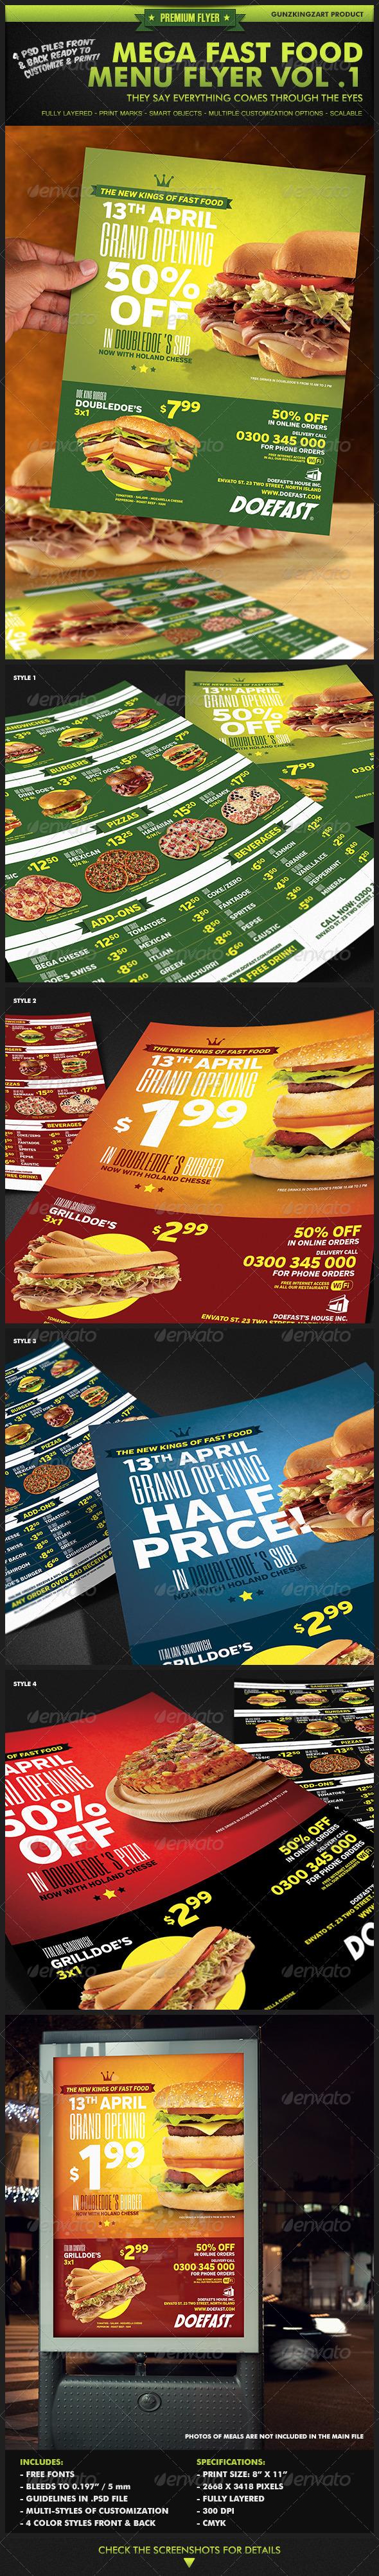 Mega Fast Food Menu Flyer Vol. 1 - Restaurant Flyers